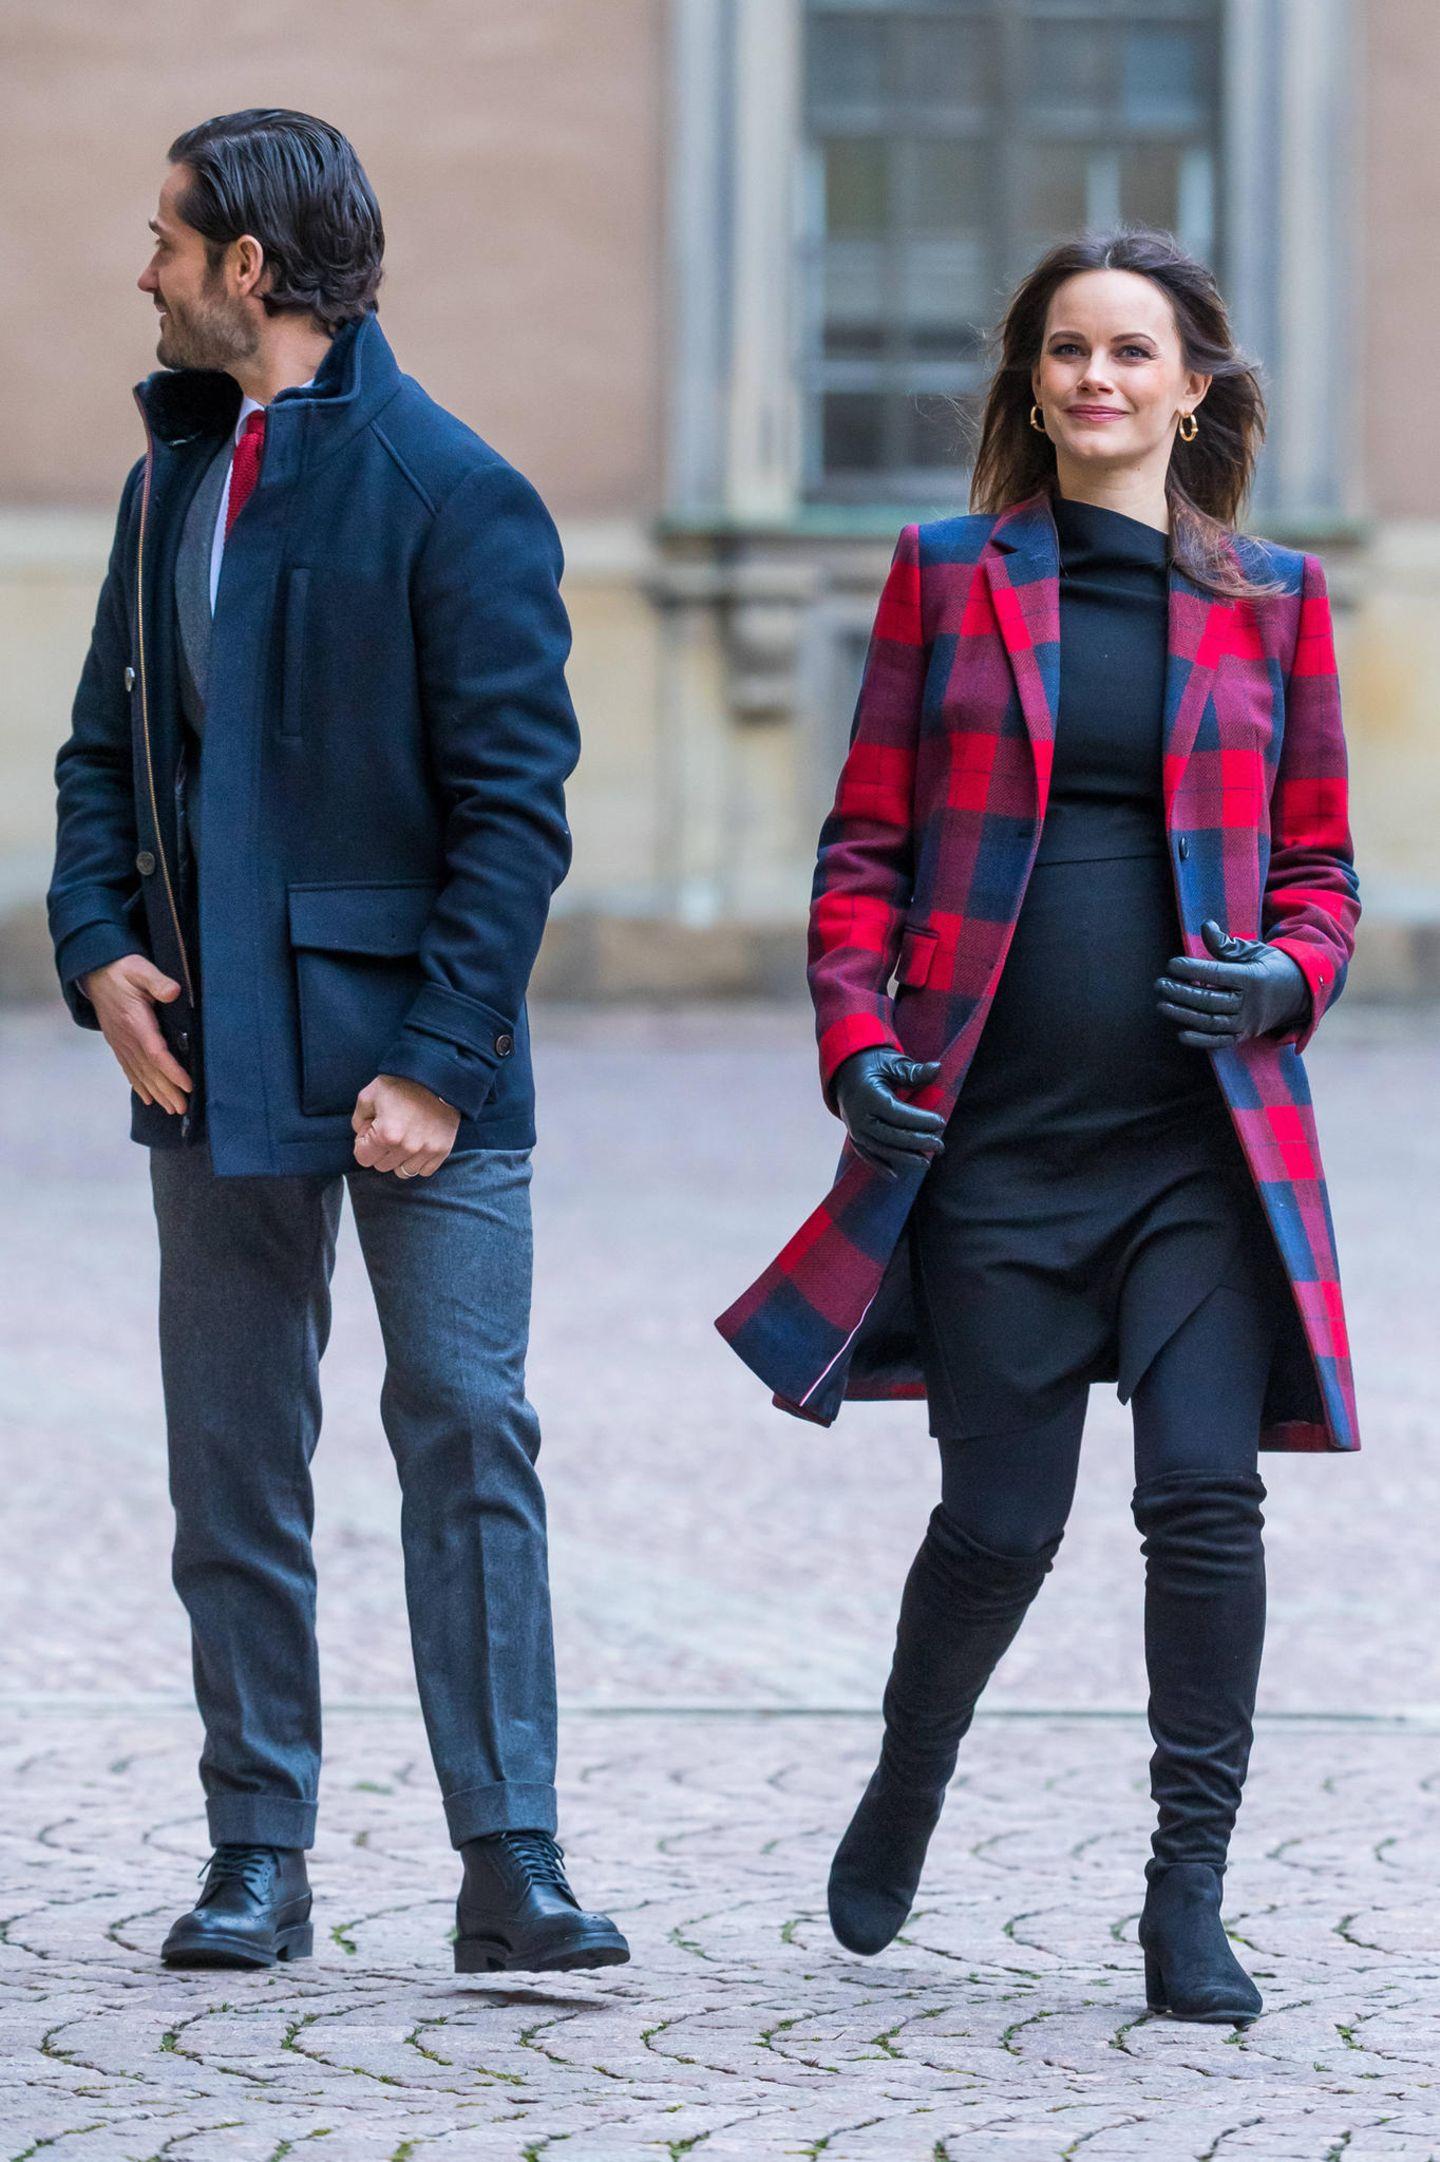 Prinz Carl Philip und seine Prinzessin Sofia absolvieren ihren ersten öffentlichen Auftritt seit Bekanntgabe ihrer dritten Schwangerschaft. Die schöne Schwedin hüllt dafür ihre schon sehr groß gewordene Babykugel in eine enge Rock-Top-Kombi und trägt einen rot-blau-karierten Mantel. Schwarze Overkneestiefel und Lederhandschuhe machen den winterlichen Look perfekt!